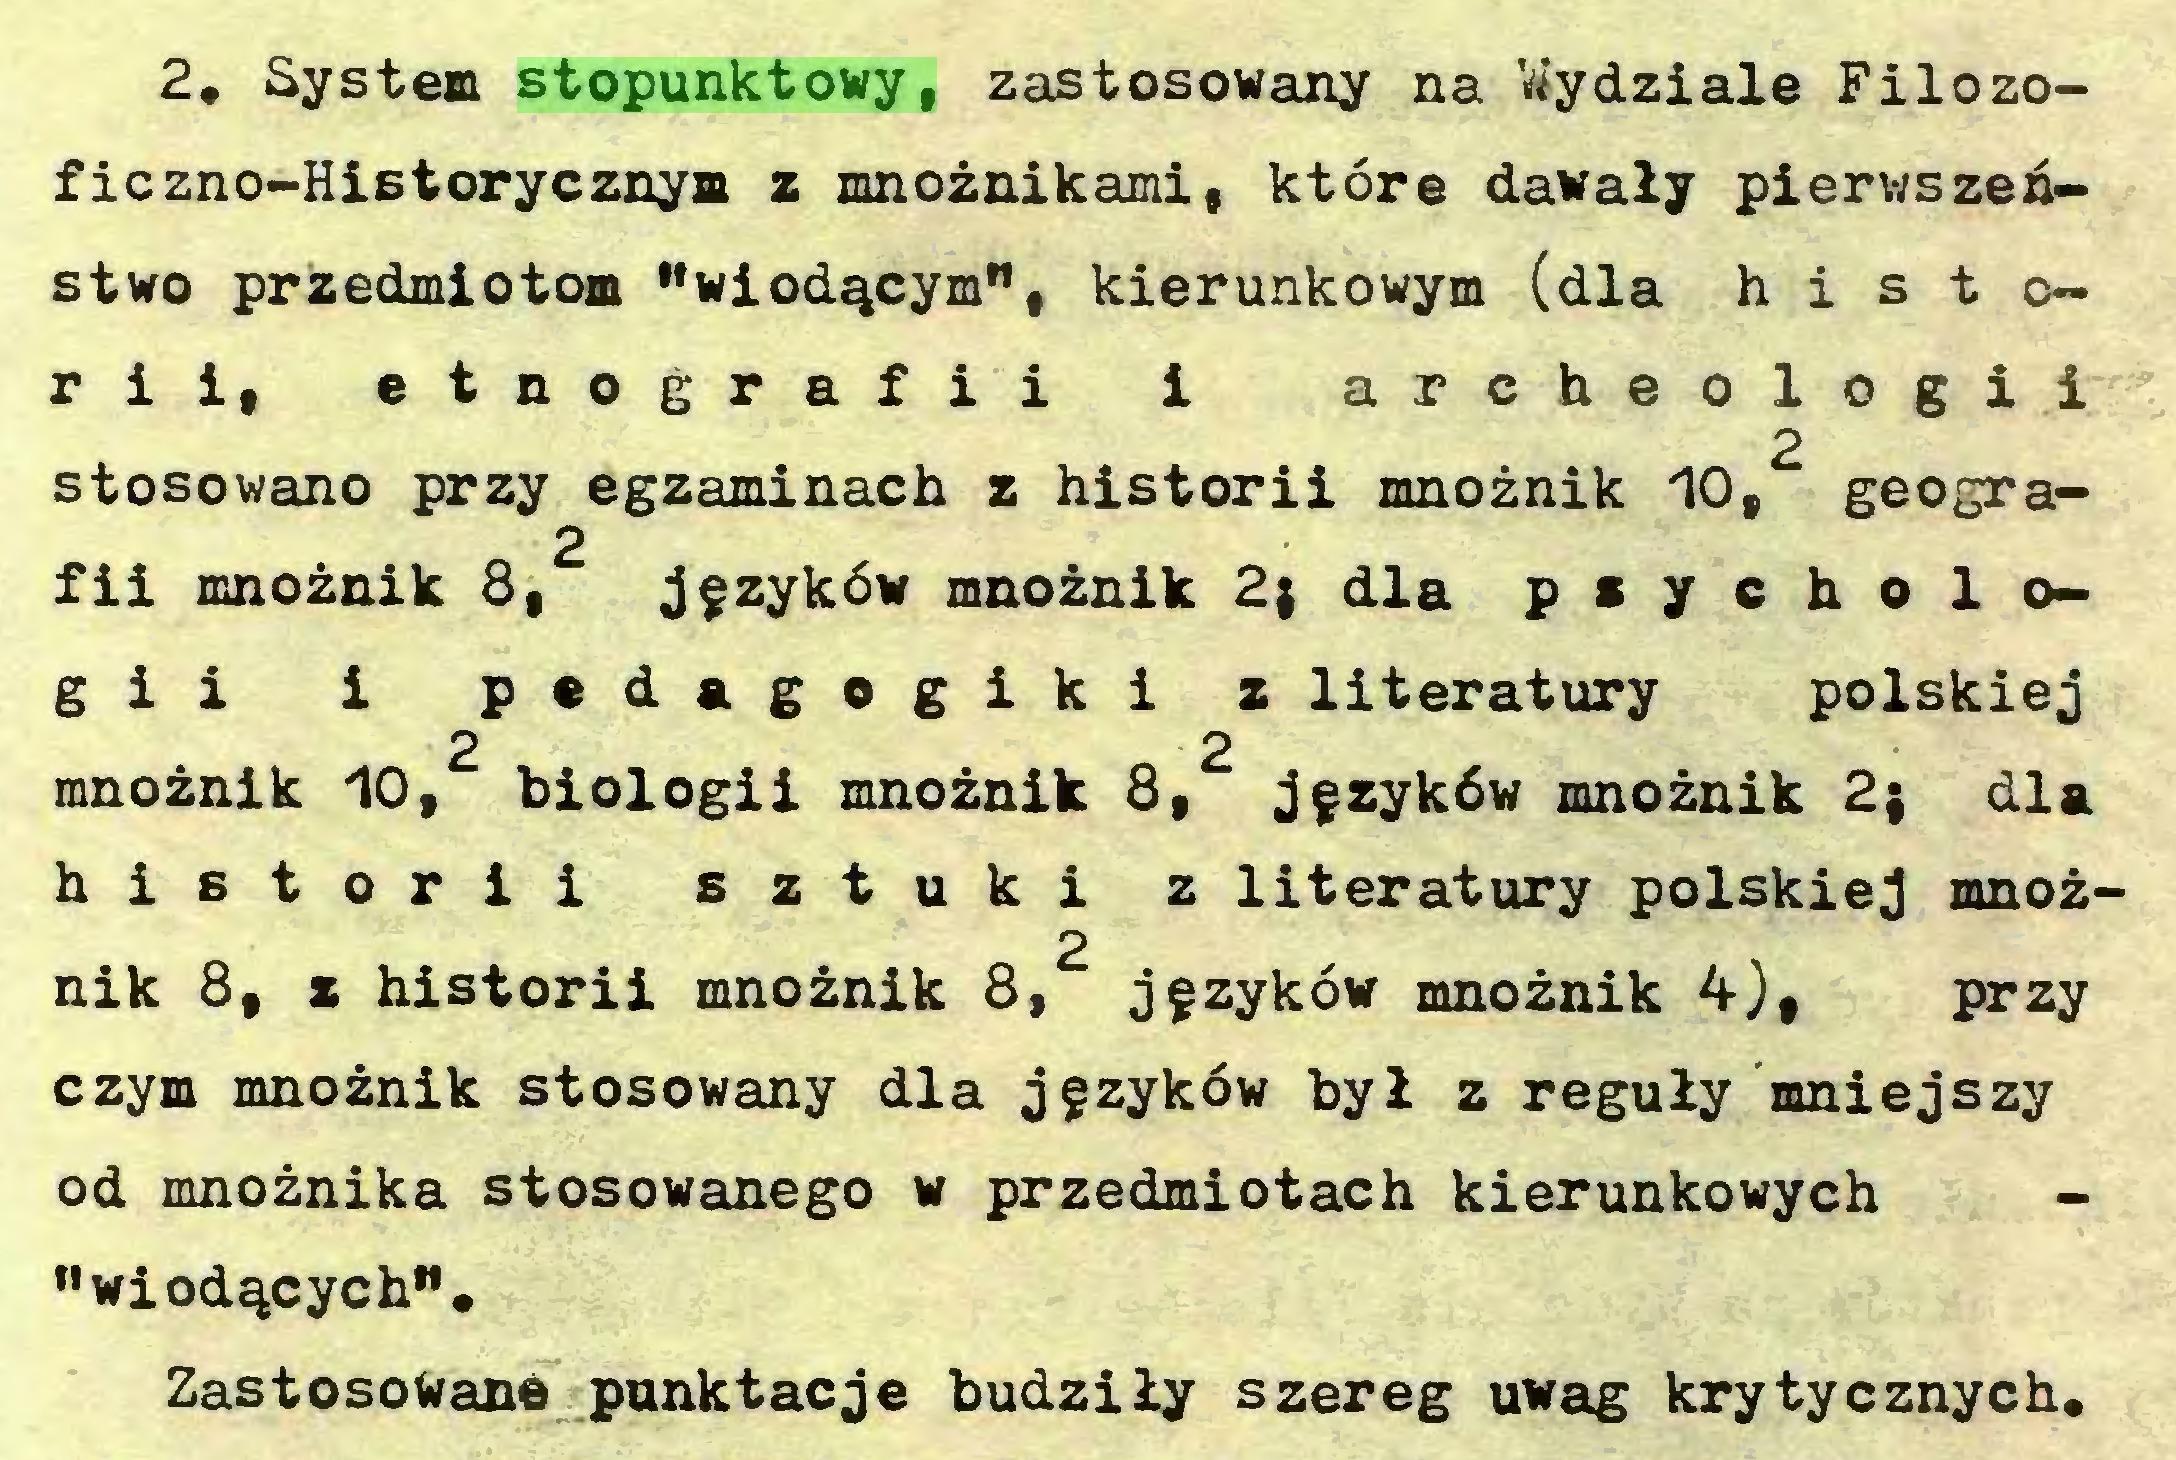 """(...) 2. System stopunktowy, zastosowany na Viydziale Filozofie zno-Historycznym z mnożnikami, które dawały pierwszeństwo przedmiotom """"wiodącym"""", kierunkowym (dla historii, etnografii i archeologii 2 stosowano przy egzaminach z historii mnożnik 10, geogra2 fii mnożnik S, języków mnożnik 2; dla psychologii i pedagogiki z literatury polskiej 2 2 mnożnik 10, biologii mnożnik 8, języków mnożnik 2; dla historii sztuki z literatury polskiej mnoż2 nik 8, z historii mnożnik 8, języków mnożnik 4-), przy czym mnożnik stosowany dla języków był z reguły mniejszy od mnożnika stosowanego w przedmiotach kierunkowych """"wiodących""""* Zastosowane punktacje budziły szereg uwag krytycznych..."""